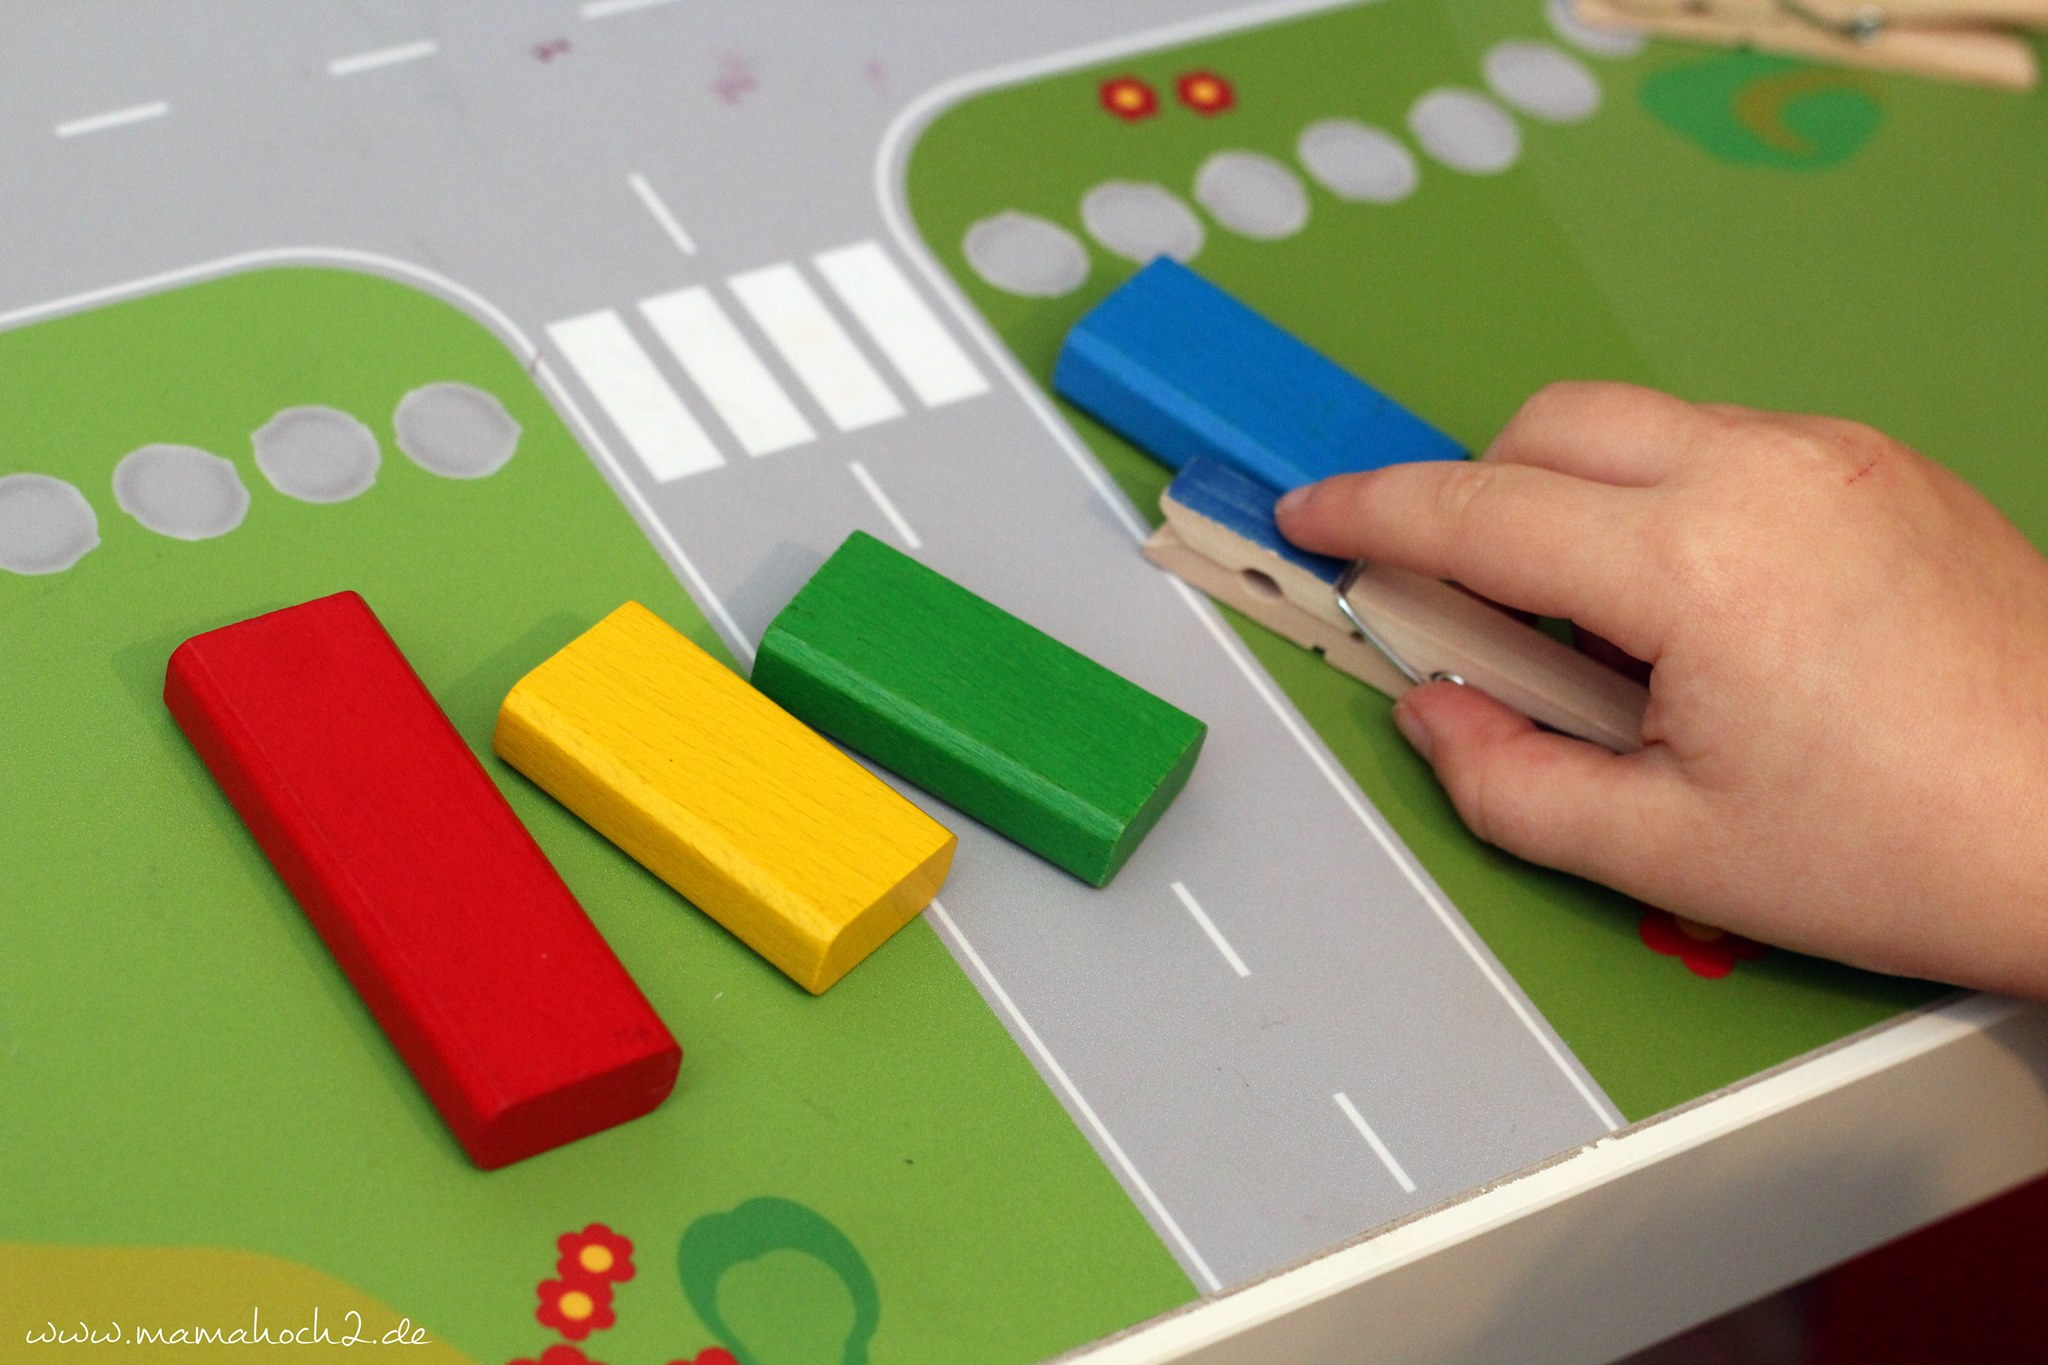 Schön montessori spielzeug für kleinkinder selber machen